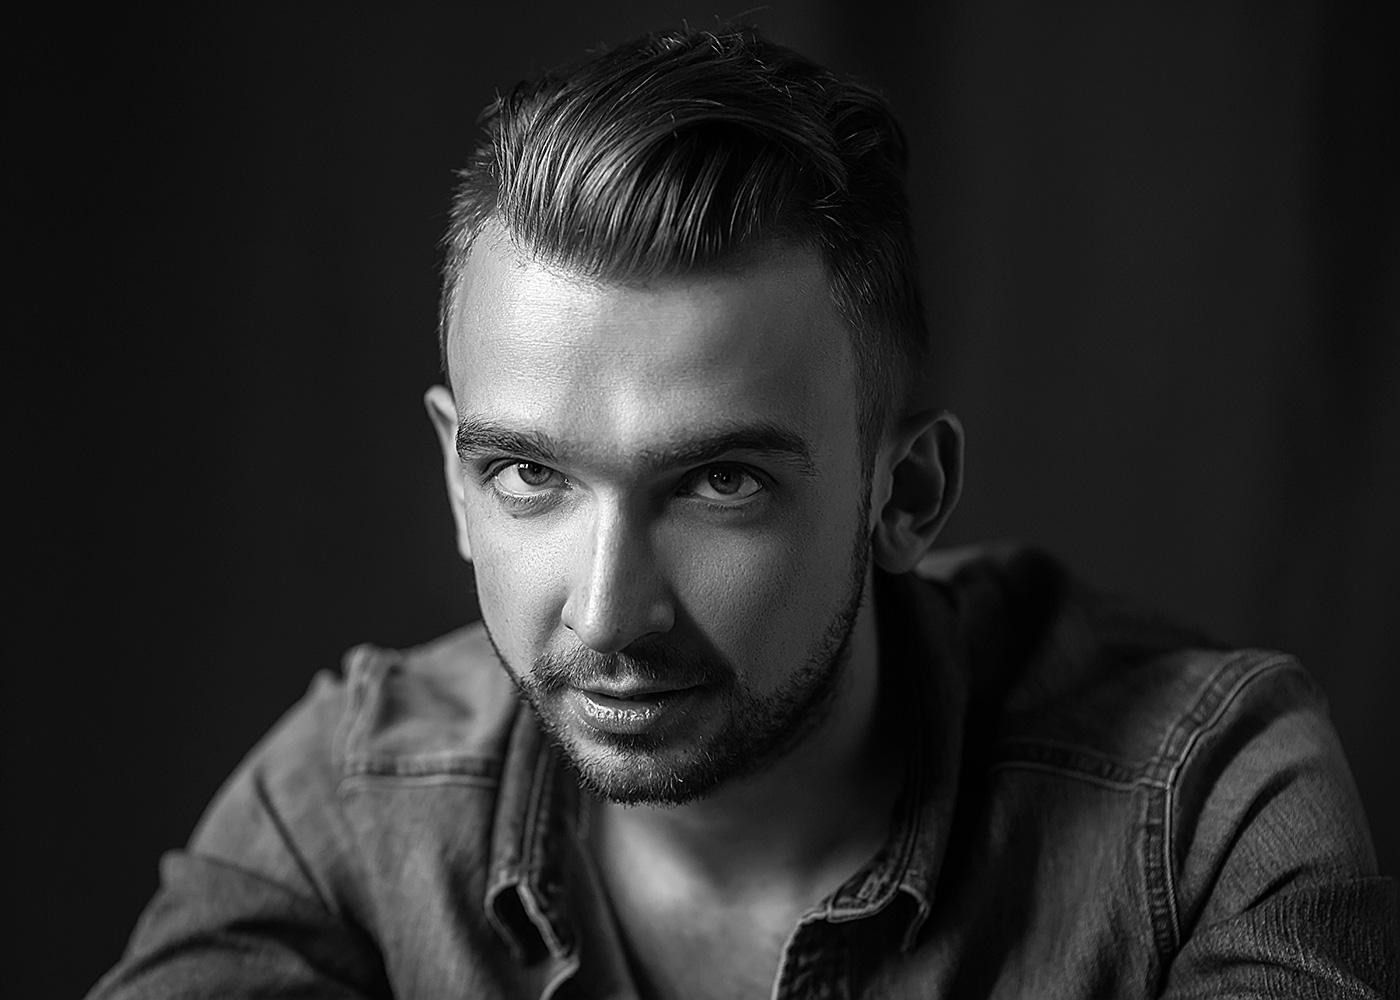 Андрій Любіч – актор театру і кіно